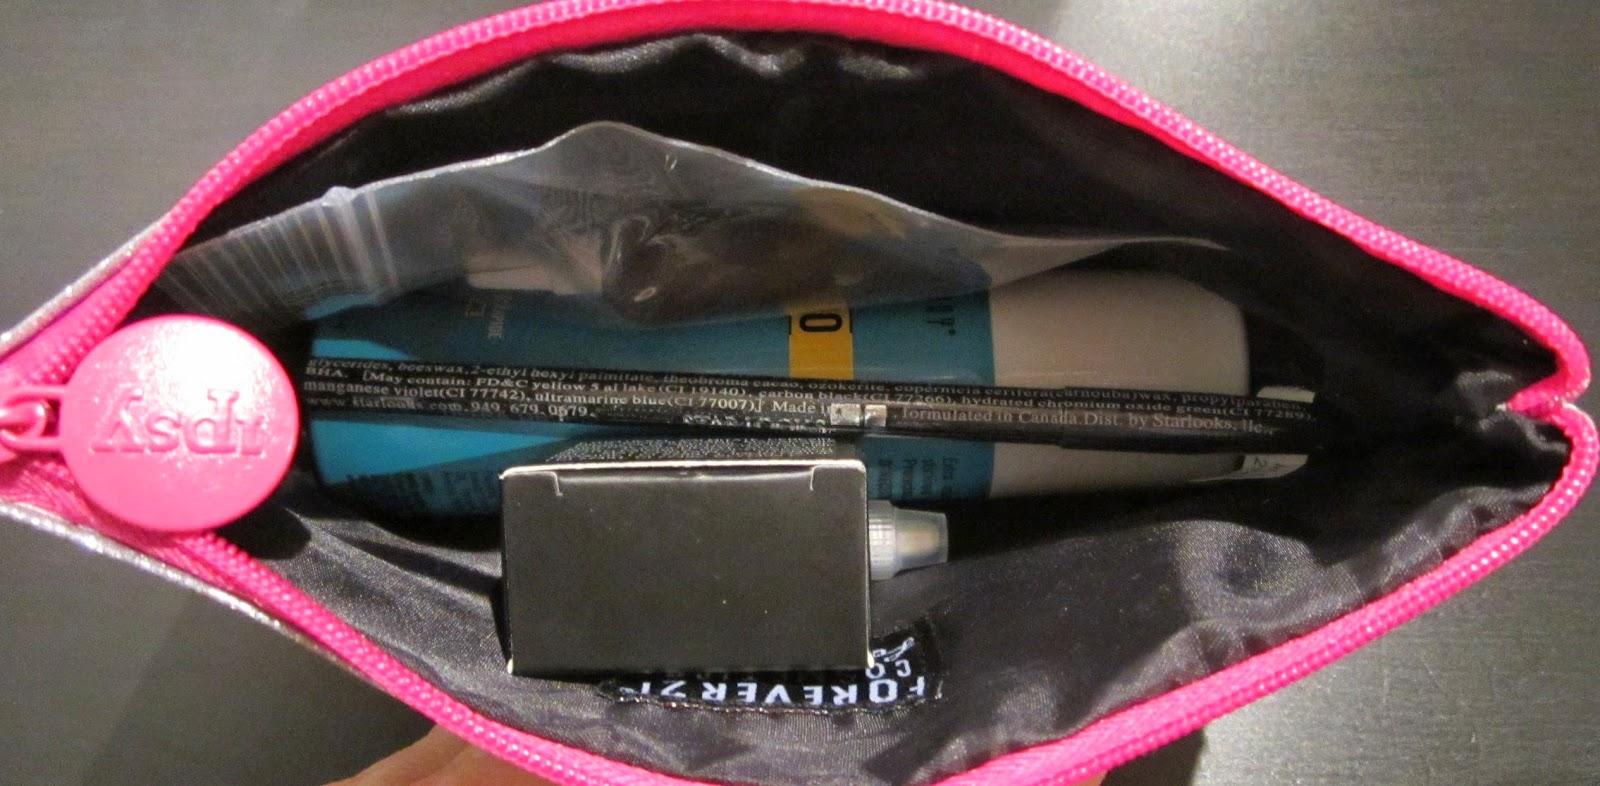 Girl meets Glitter November Ipsy Bag